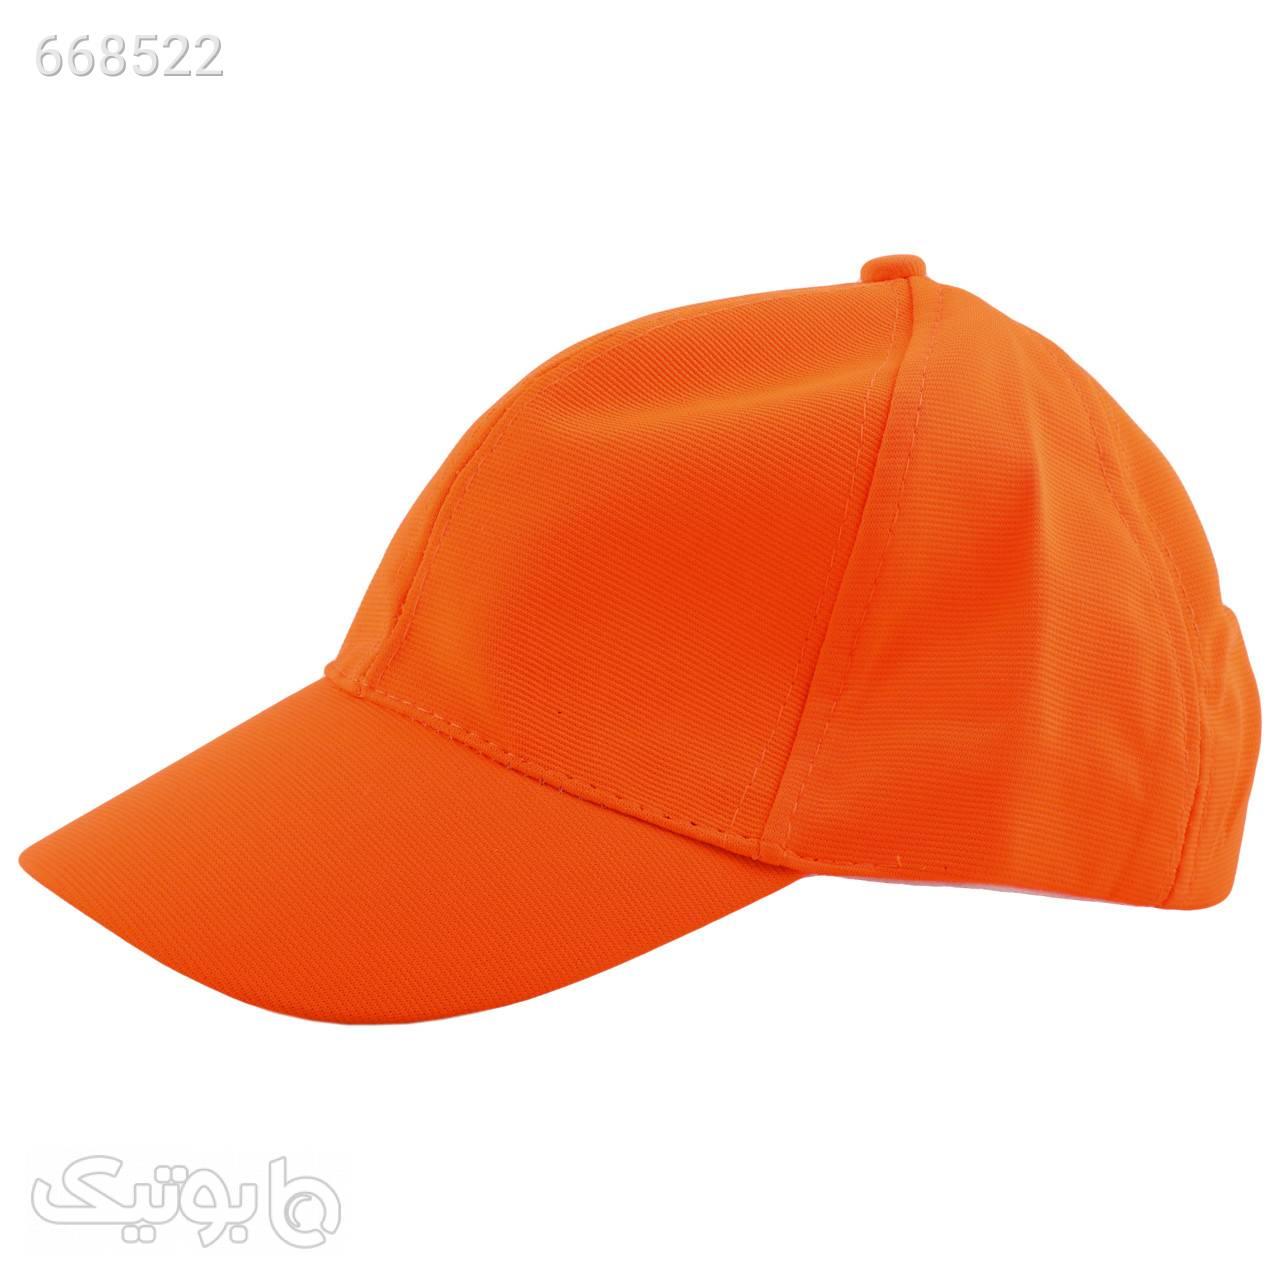 کلاه کپ مدل PJ1612 مشکی کلاه و اسکارف